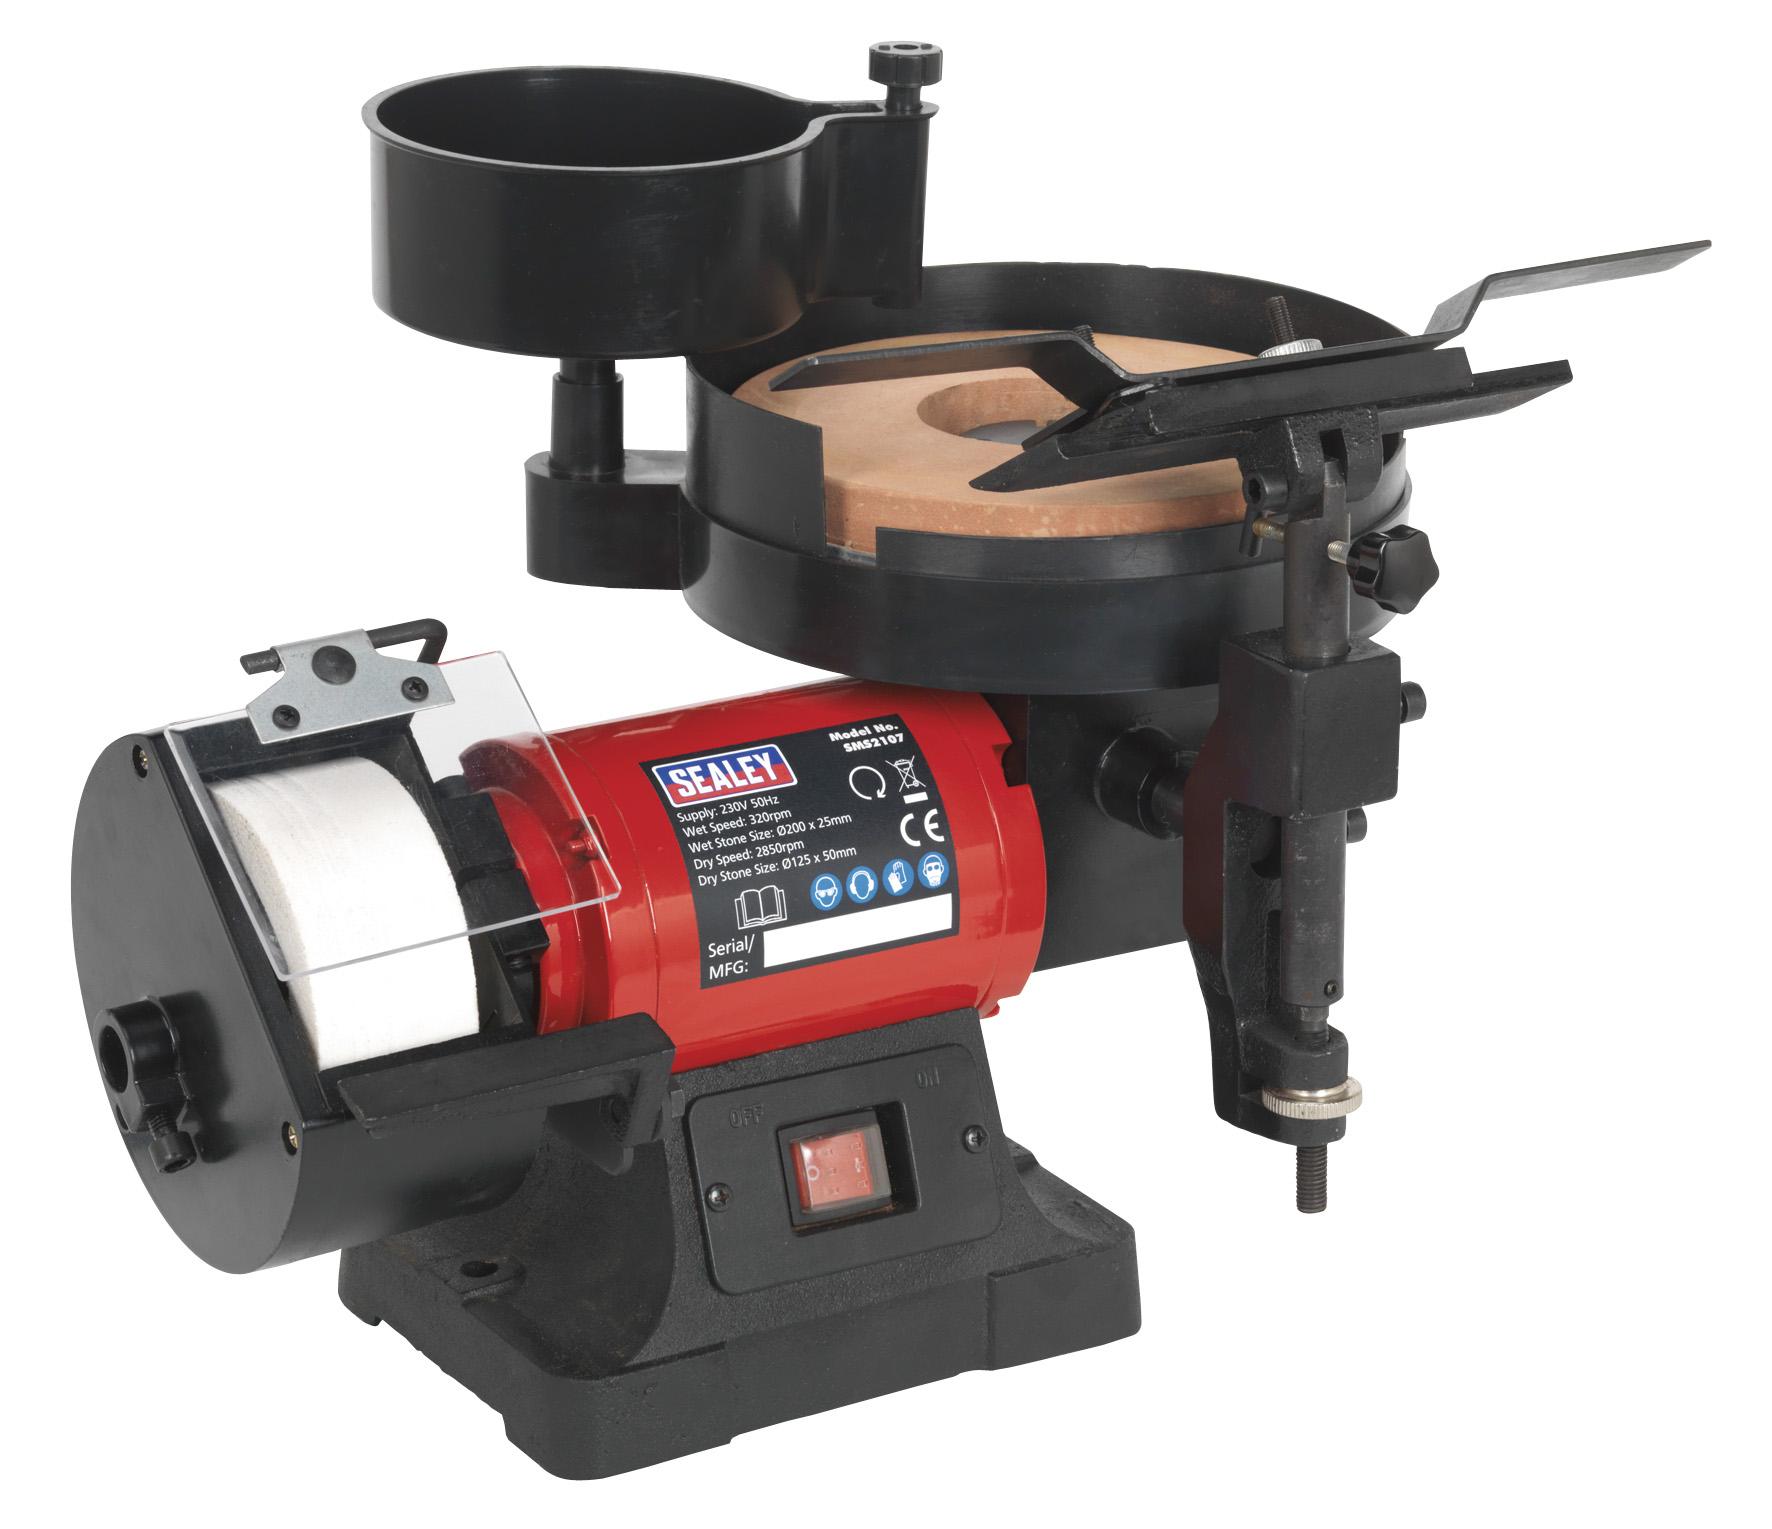 Sms2107 Sealey Bench Grinder Sharpener Wet Amp Dry 216 200